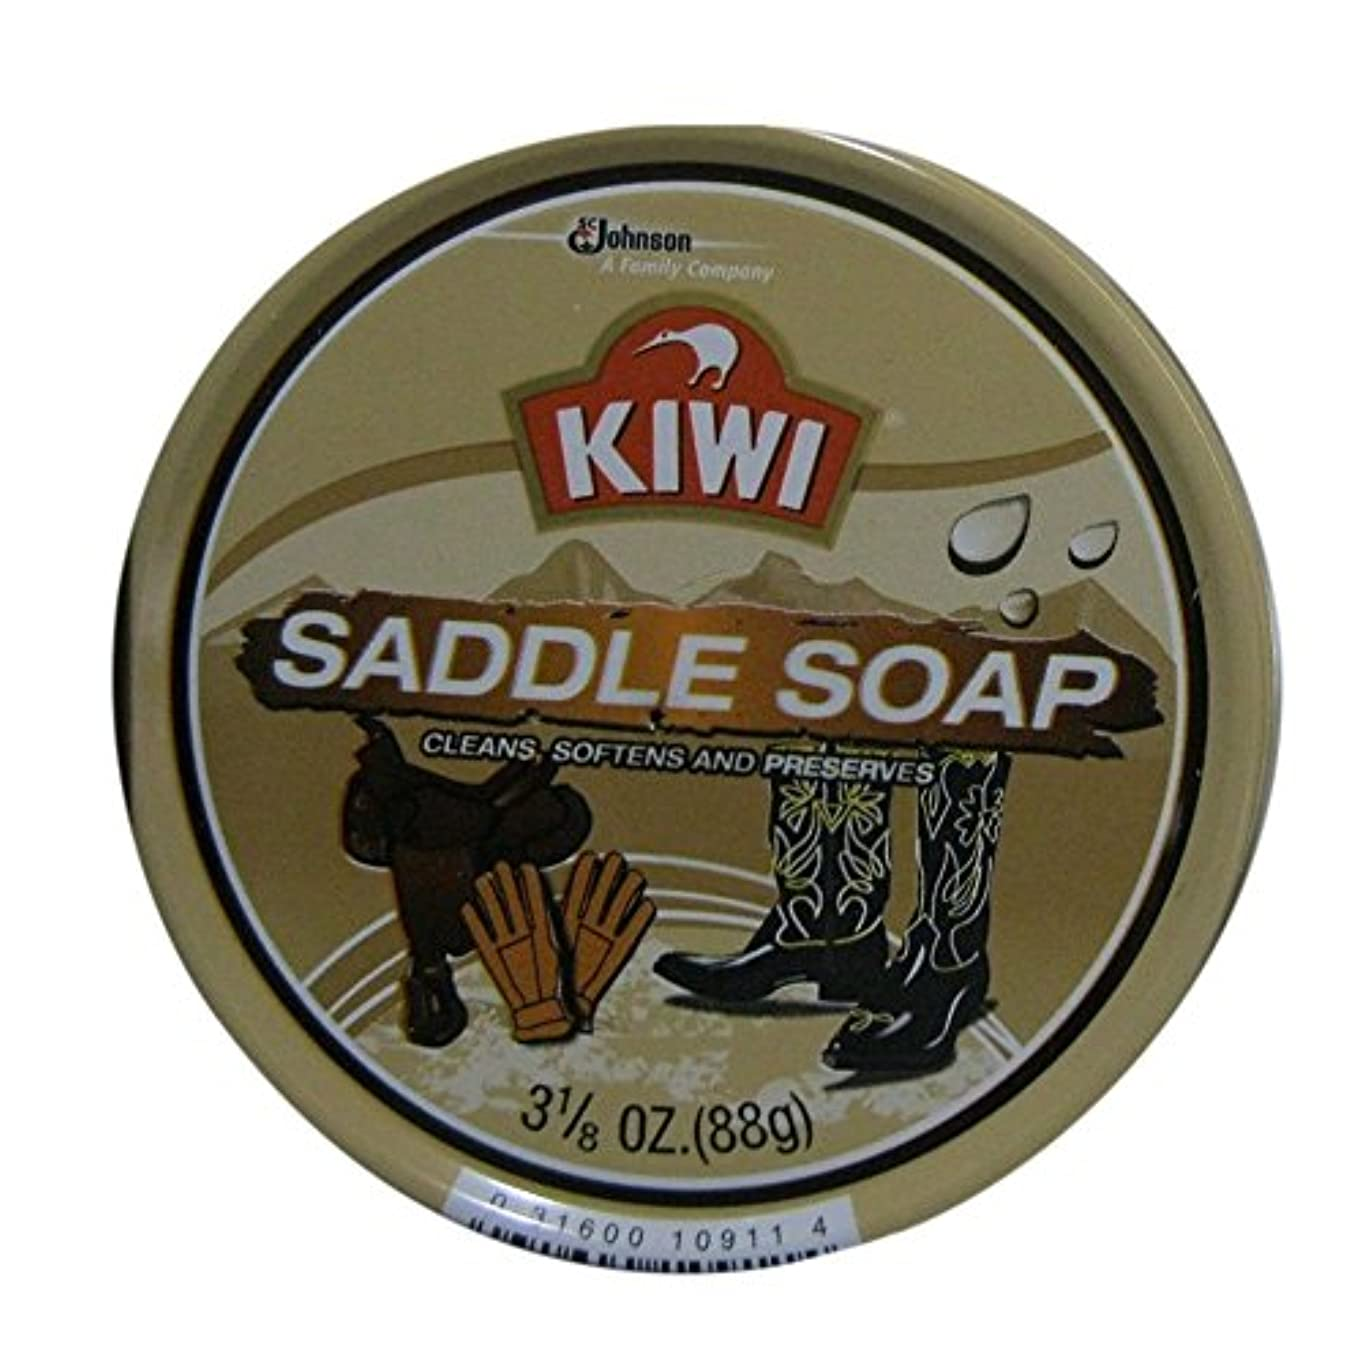 ごめんなさいボット説教Kiwi KIWIハメソープ3.125オンス(5パック) 5パック